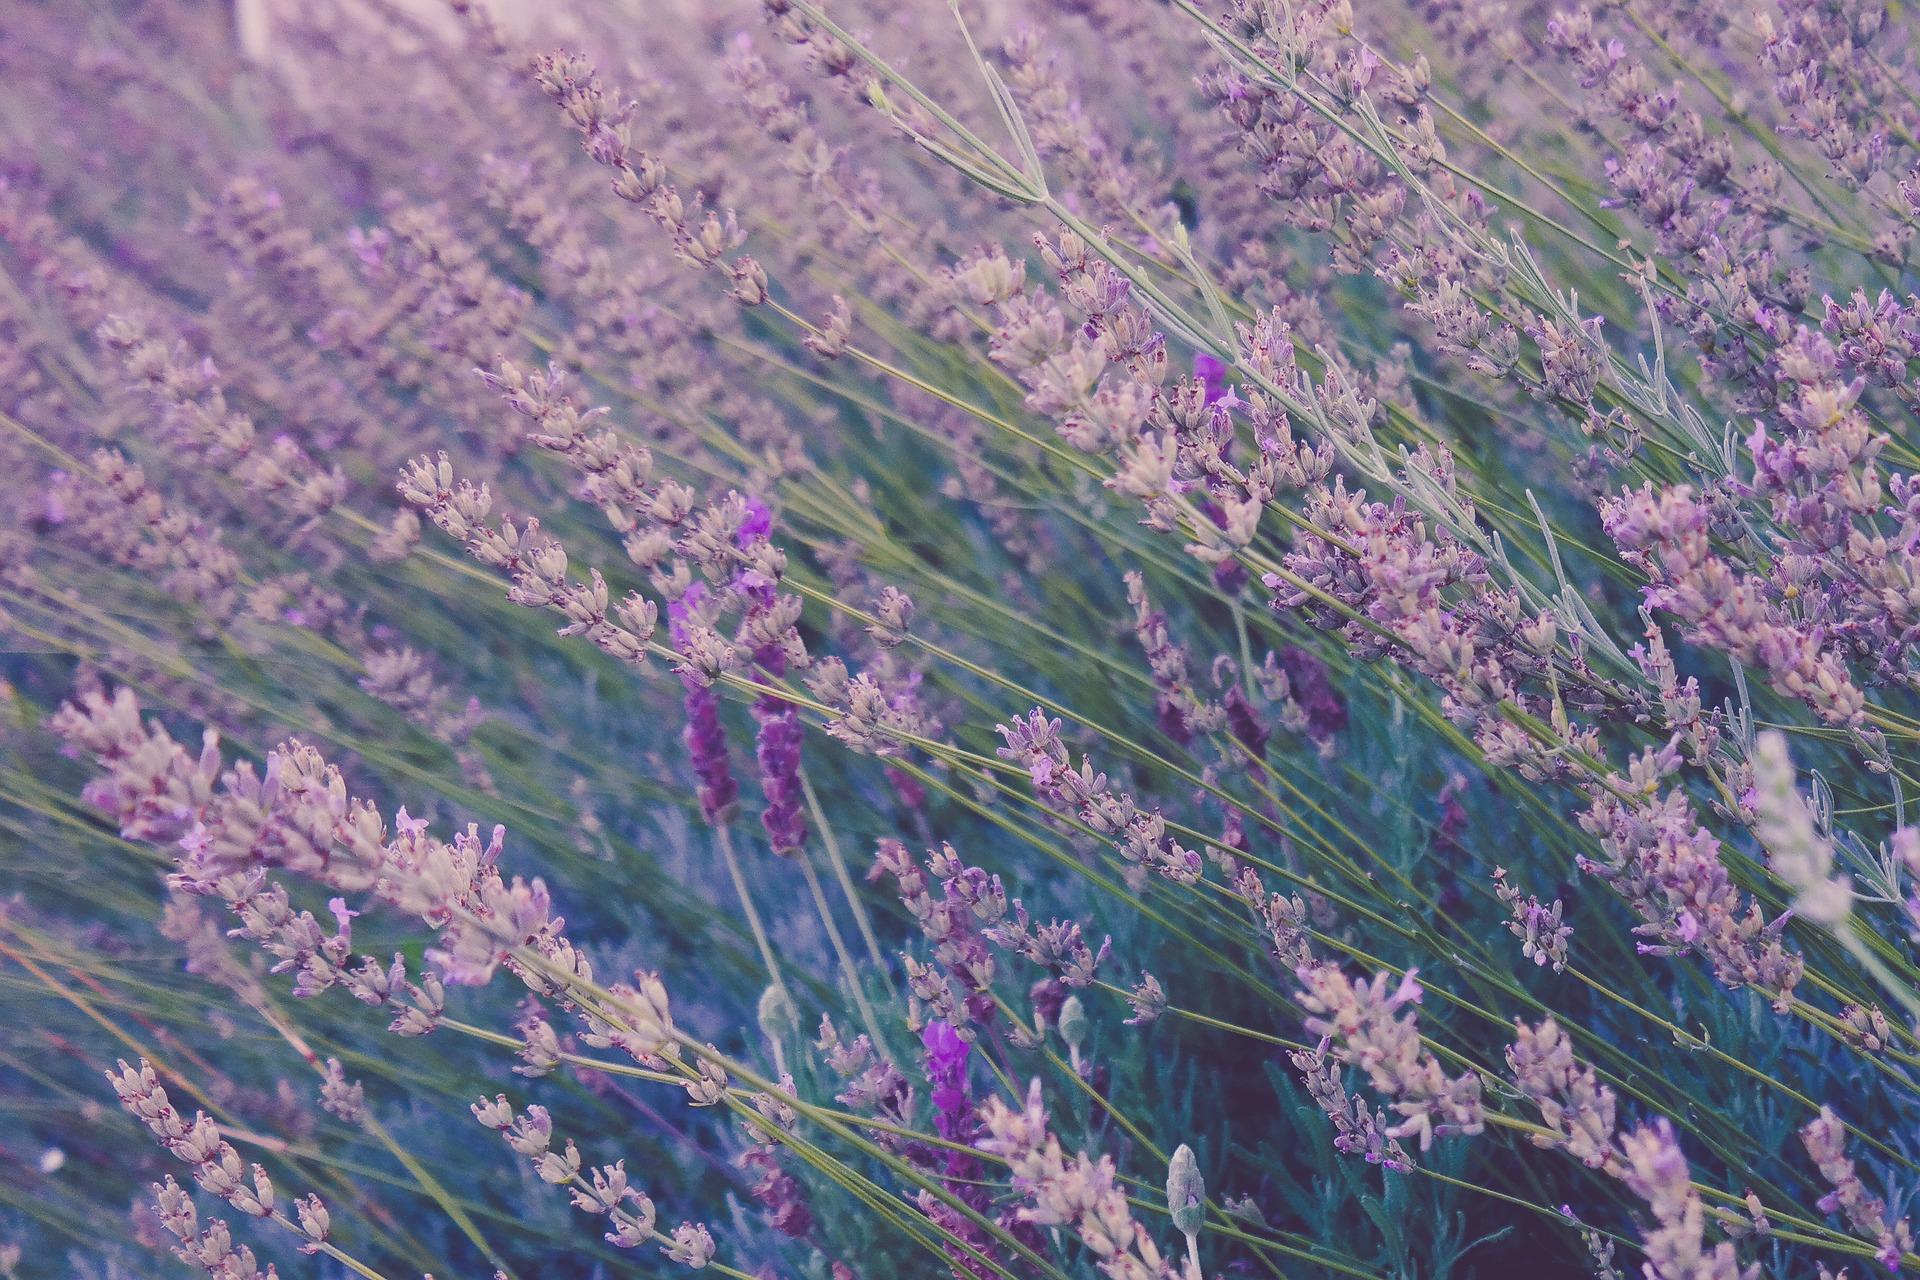 bloom-1837102_1920.jpg